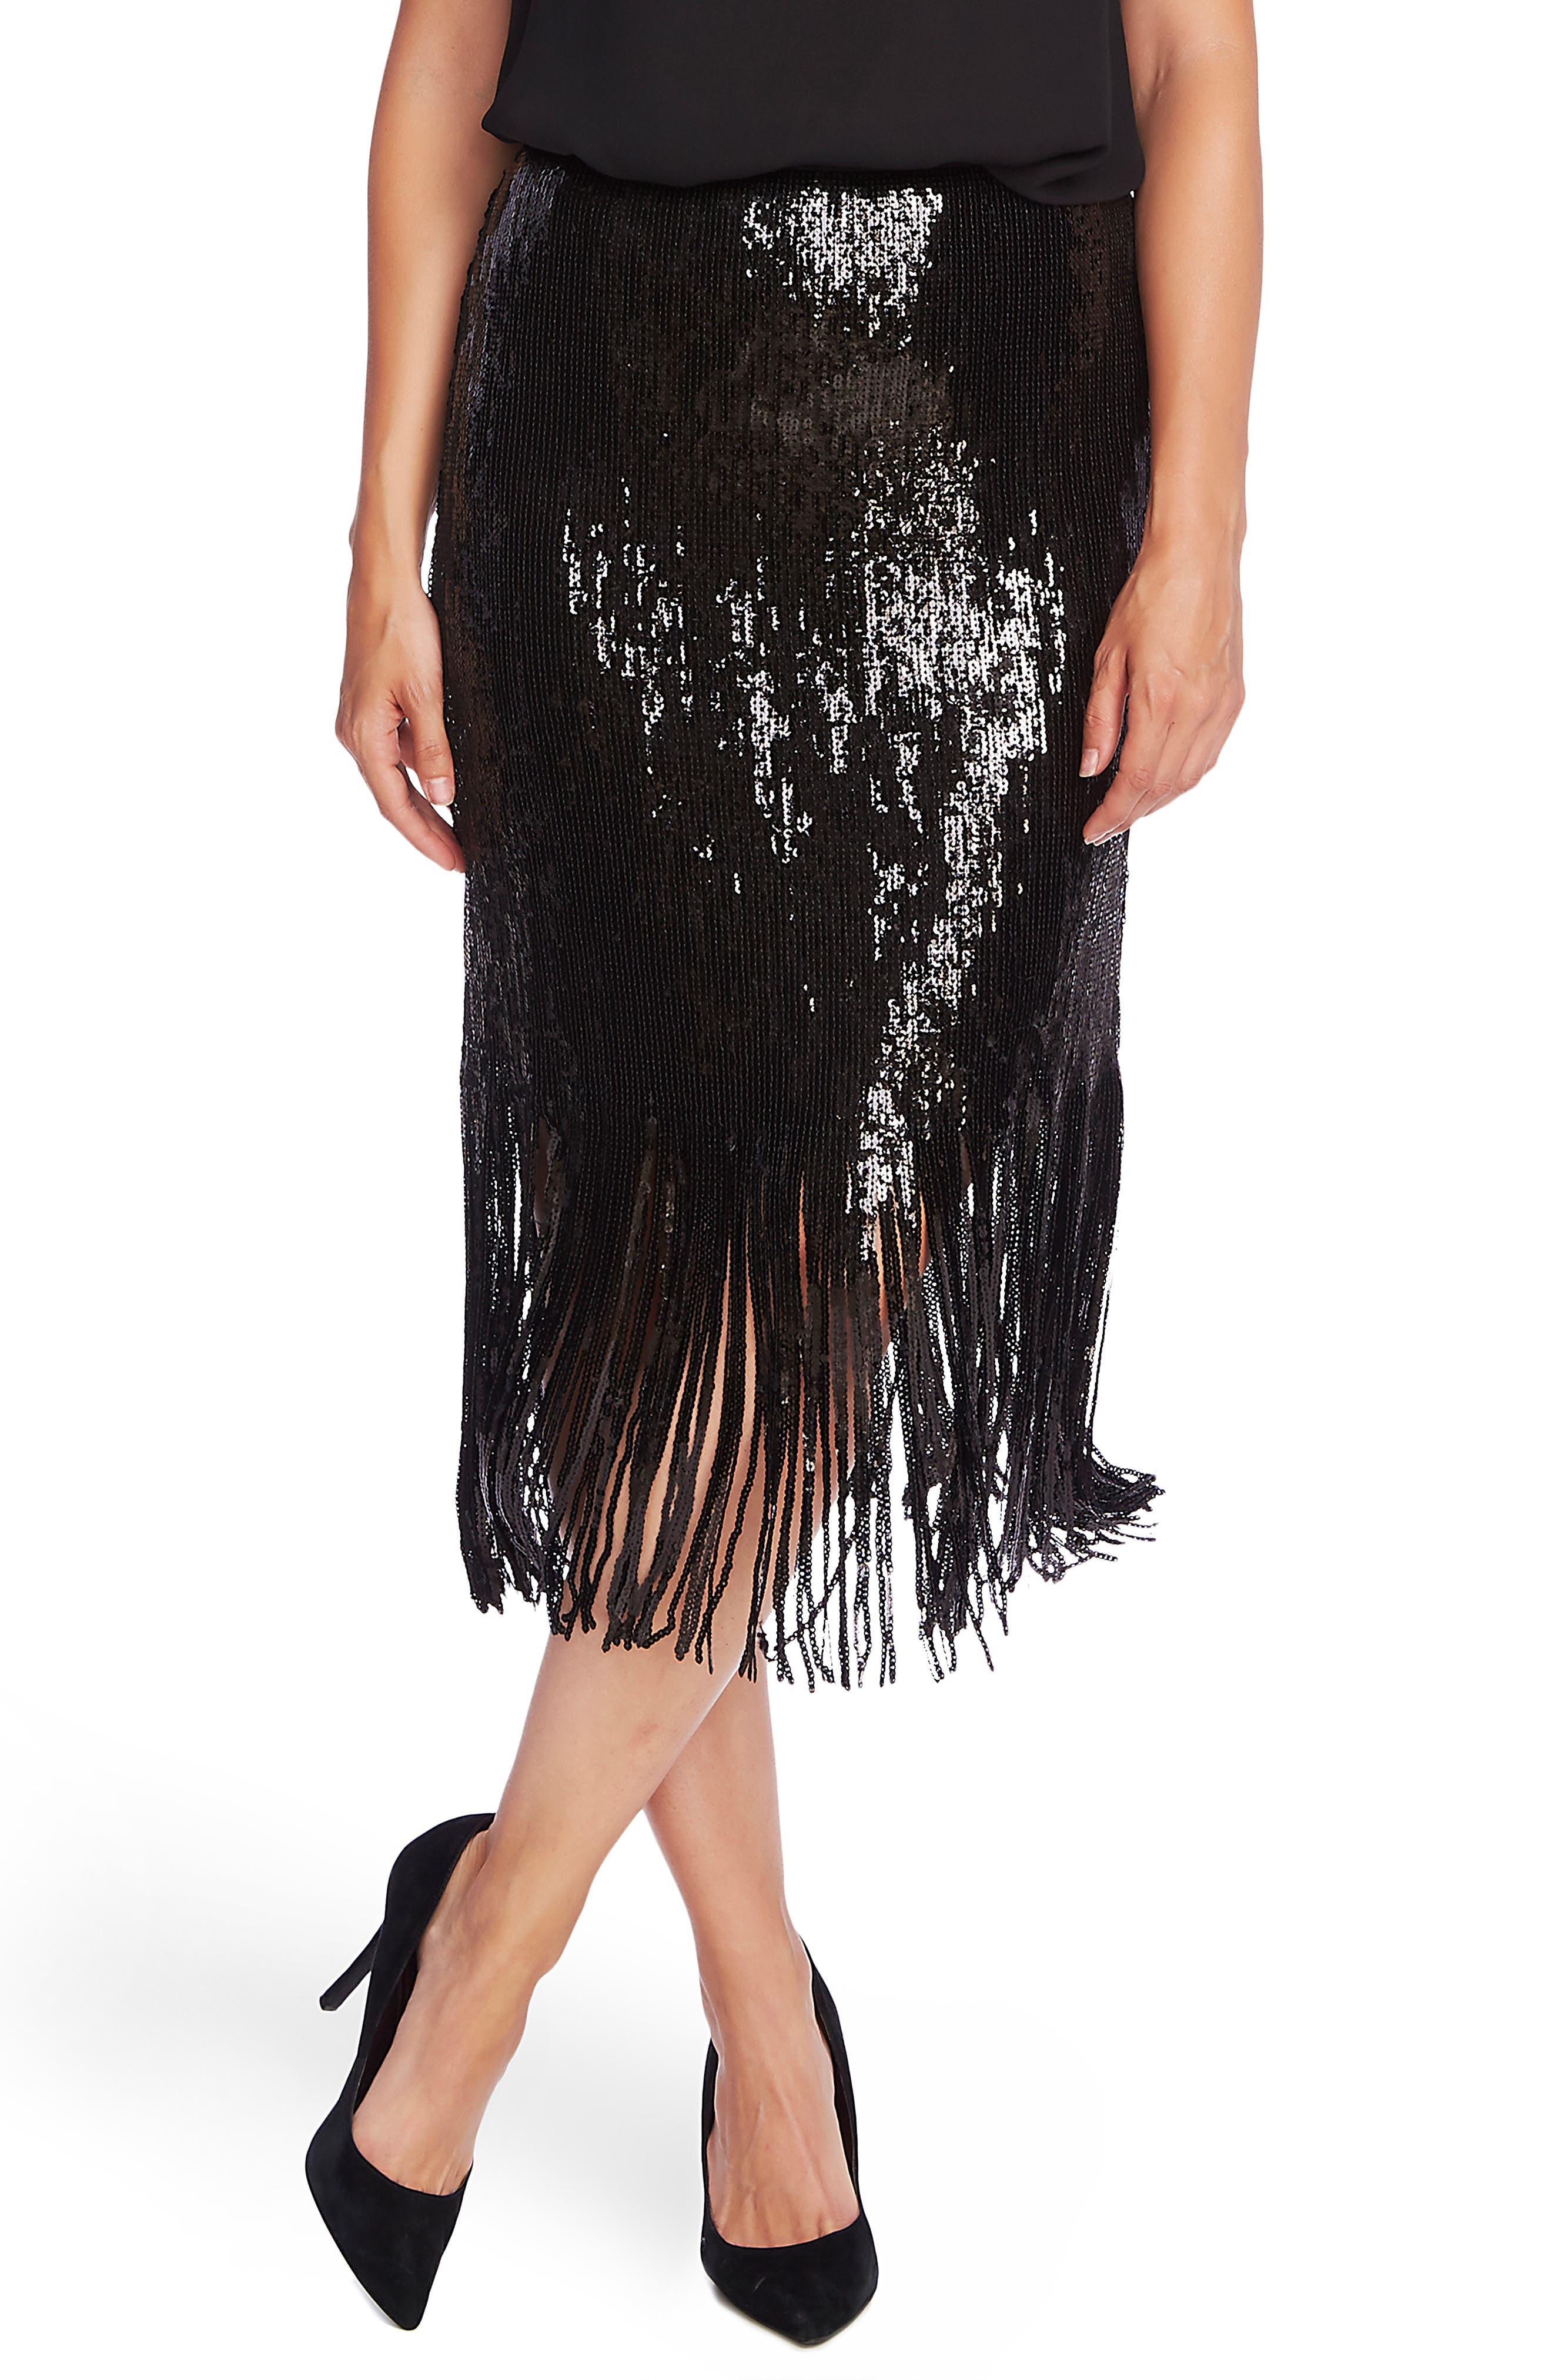 60s Skirts | 70s Hippie Skirts, Jumper Dresses Womens Vince Camuto Sequin Fringe Skirt $129.00 AT vintagedancer.com